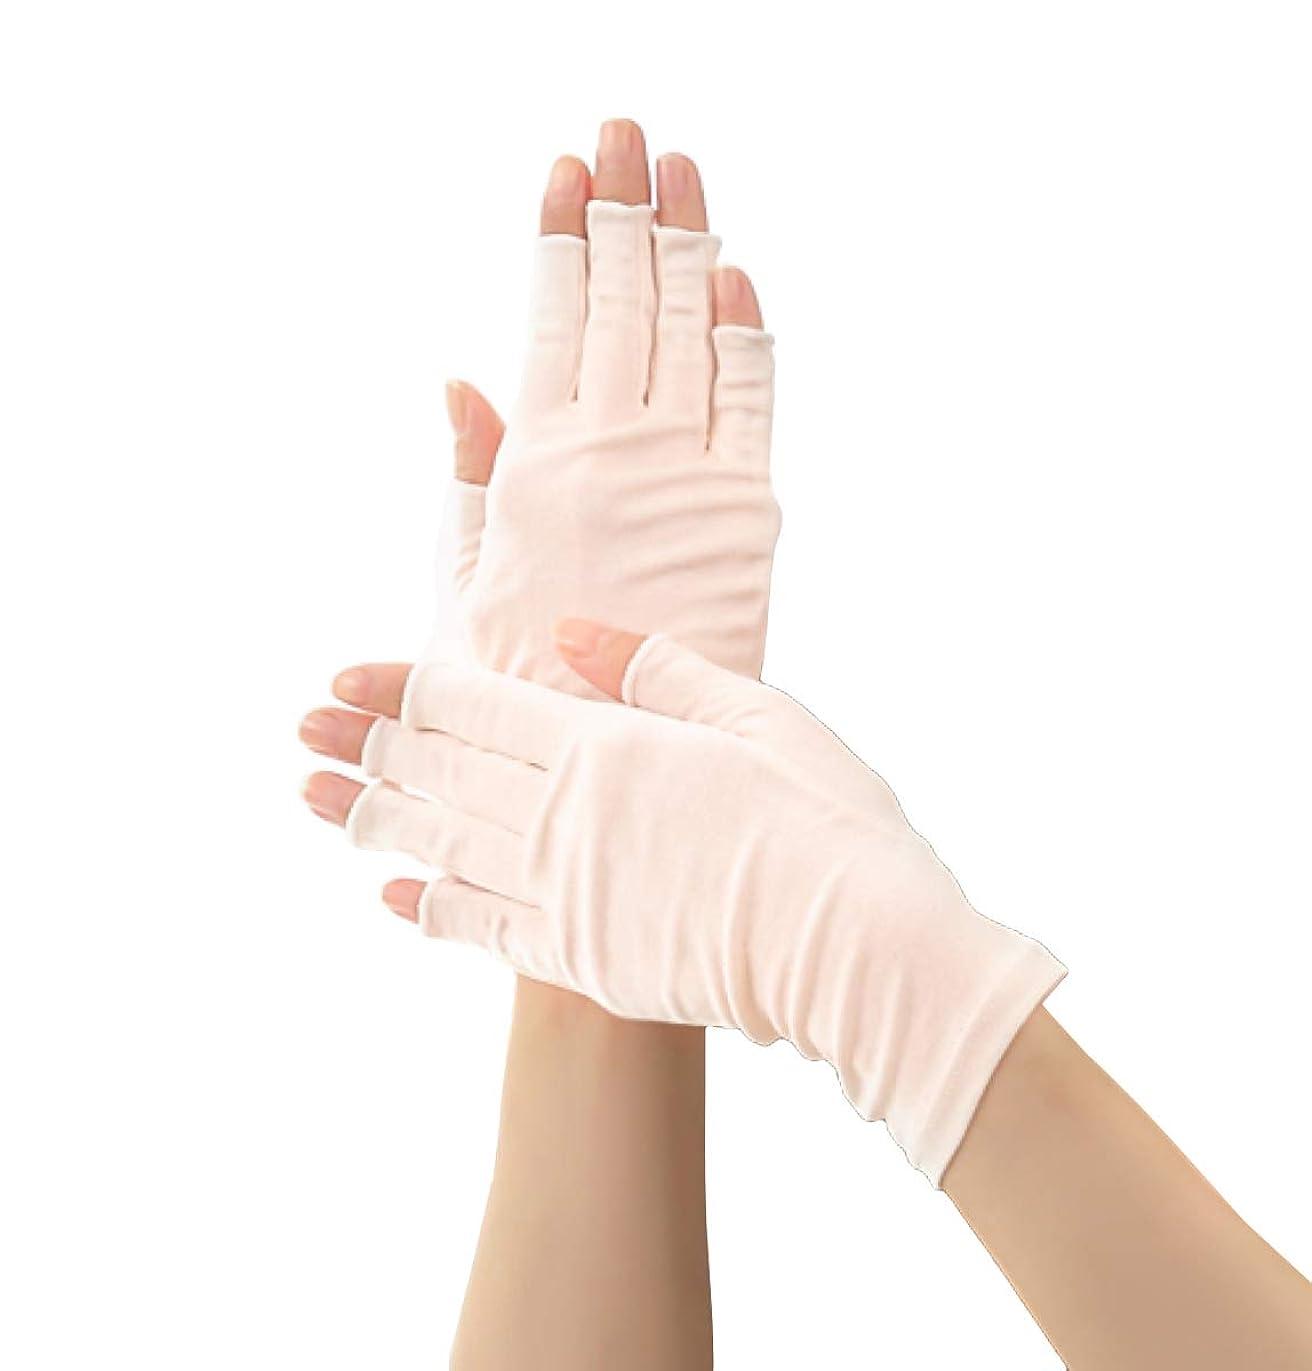 到着敬意を表して欲求不満Silk 100% シルク 手袋 指先カット タイプ 薄手 オールシーズンOK 外出時の 紫外線 UV 対策 スマホ PC 操作 や ICカード 取り出しもらくらく! 手首 ゆったり おやすみ フィンガーレス スキンケア ハンドケア グローブ (ピンクホワイト)